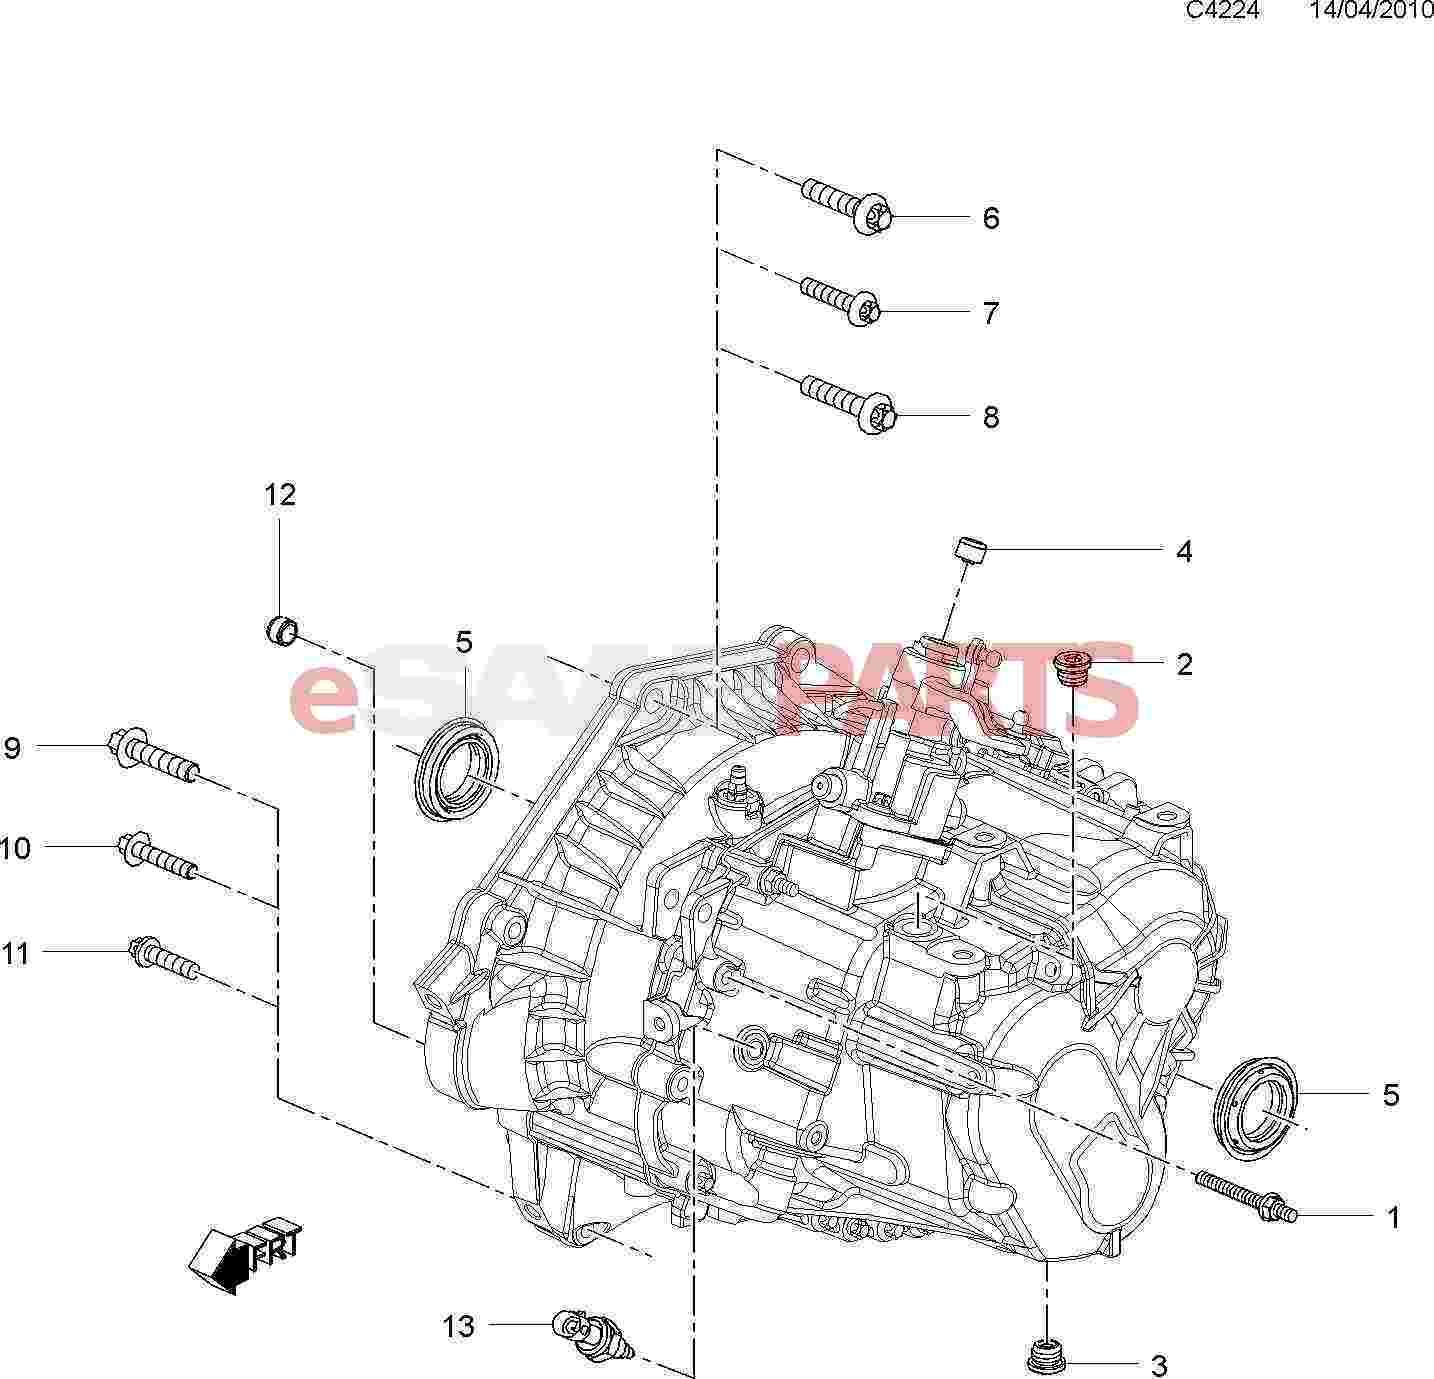 Saab Axle Seal Manual Transmission